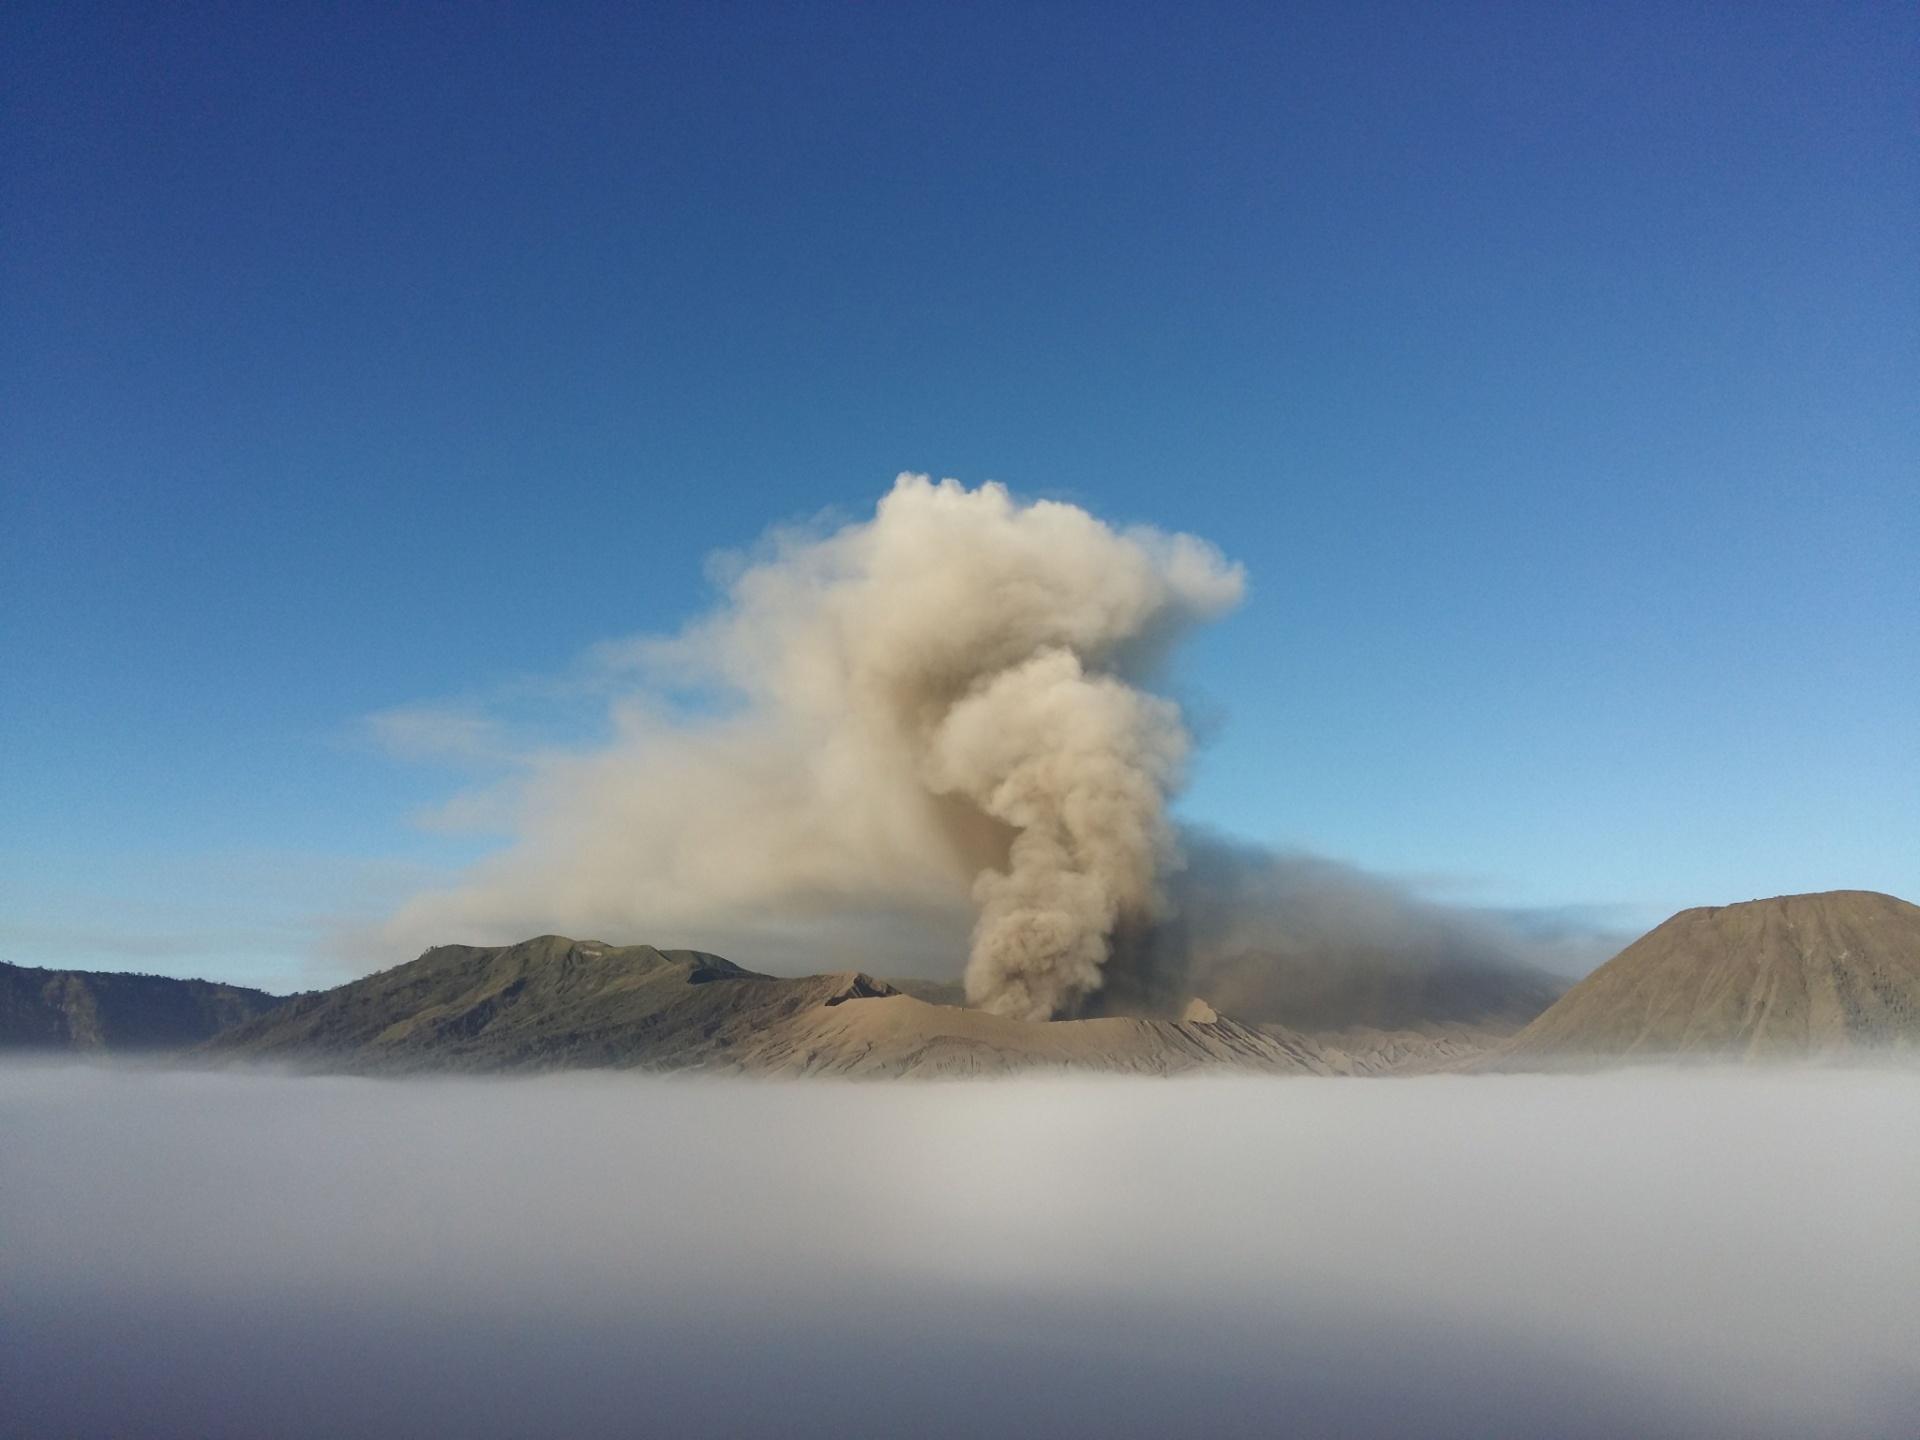 14.jul.2016 - O vulcão Monte Bromo, em Probolinggo, na Indonésia, expele cinzas no ar durante uma erupção vulcânica. O Monte Bromo está em uma região do país asiático que contém vários vulcões